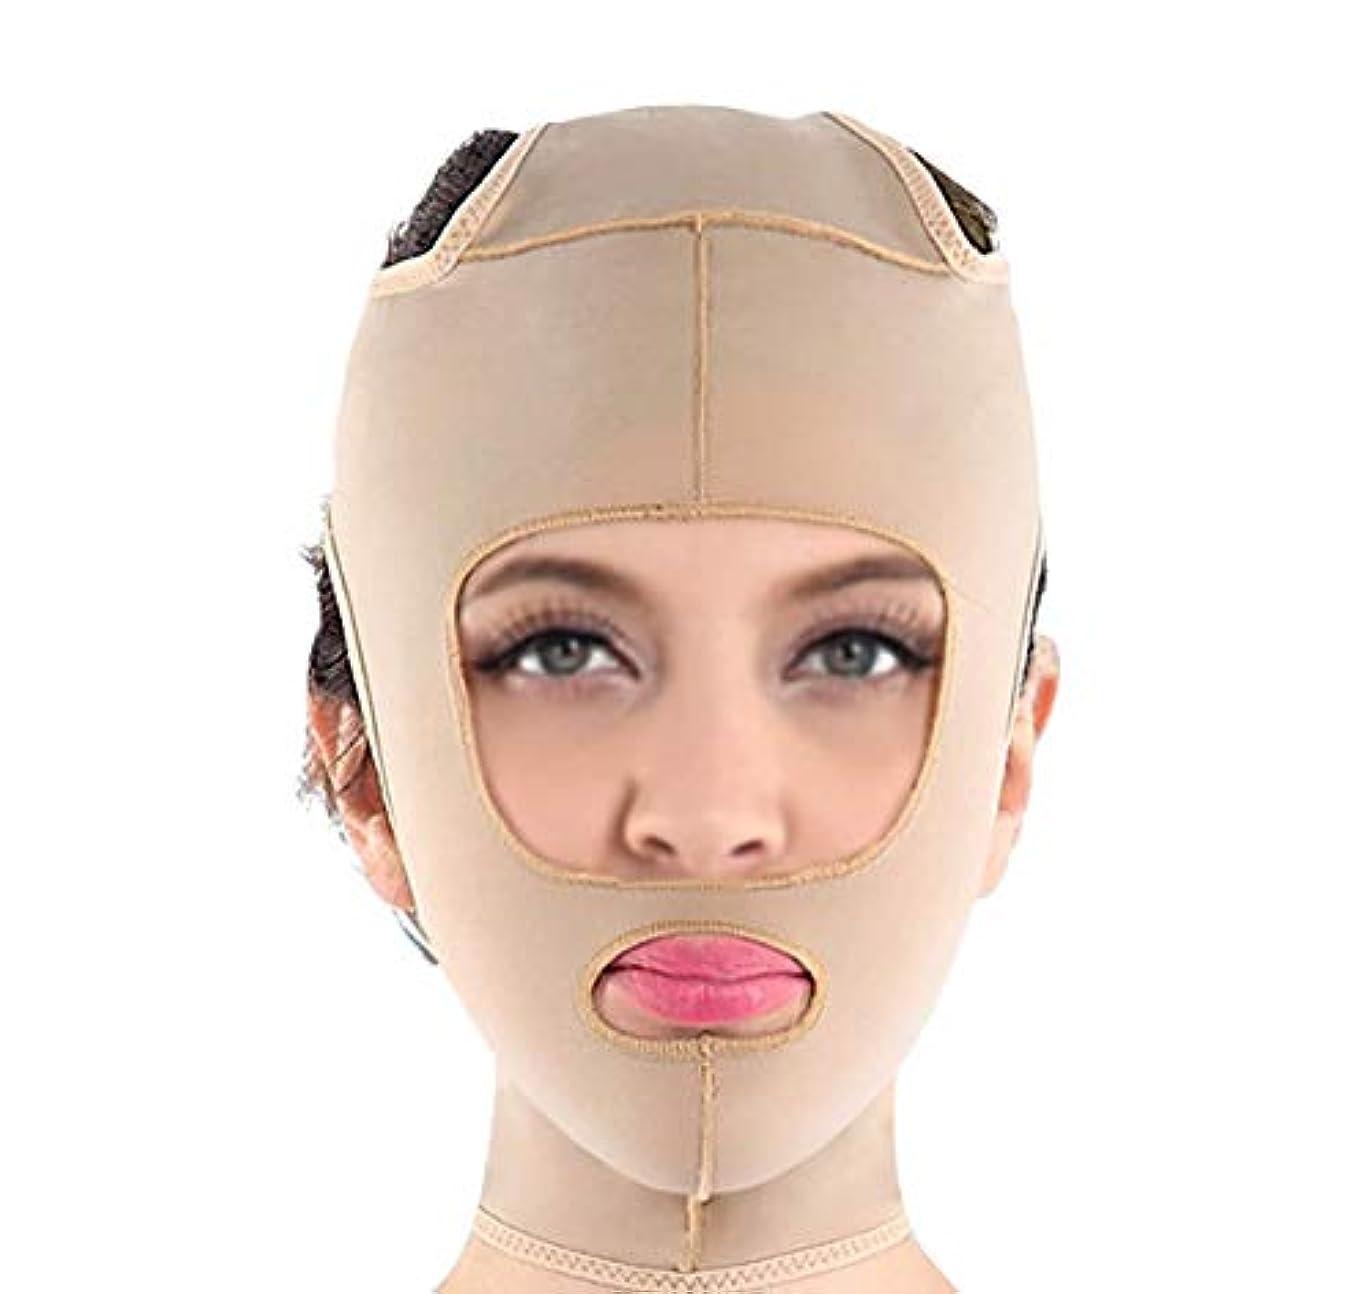 鑑定微妙スポンサーフェイスリフティングマスクで肌をしっかりと保ち、顔の筋肉の垂れ下がりや顔の美しい輪郭の整形を防止します(サイズ:Xl),ザ?